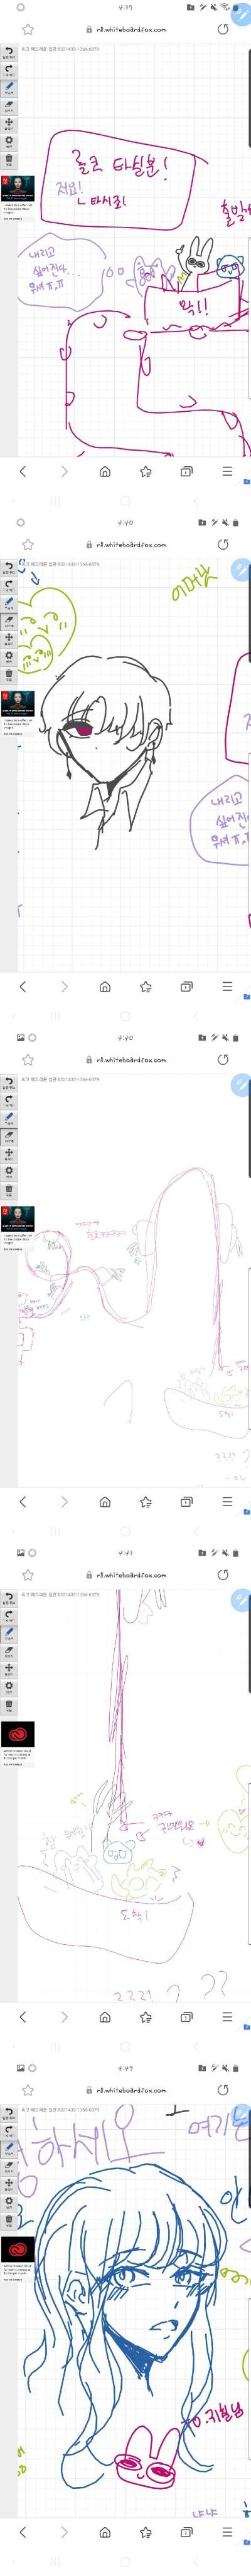 화보에서 재밋게 논 흔적   silver_bin   Digital Drawing   PENUP